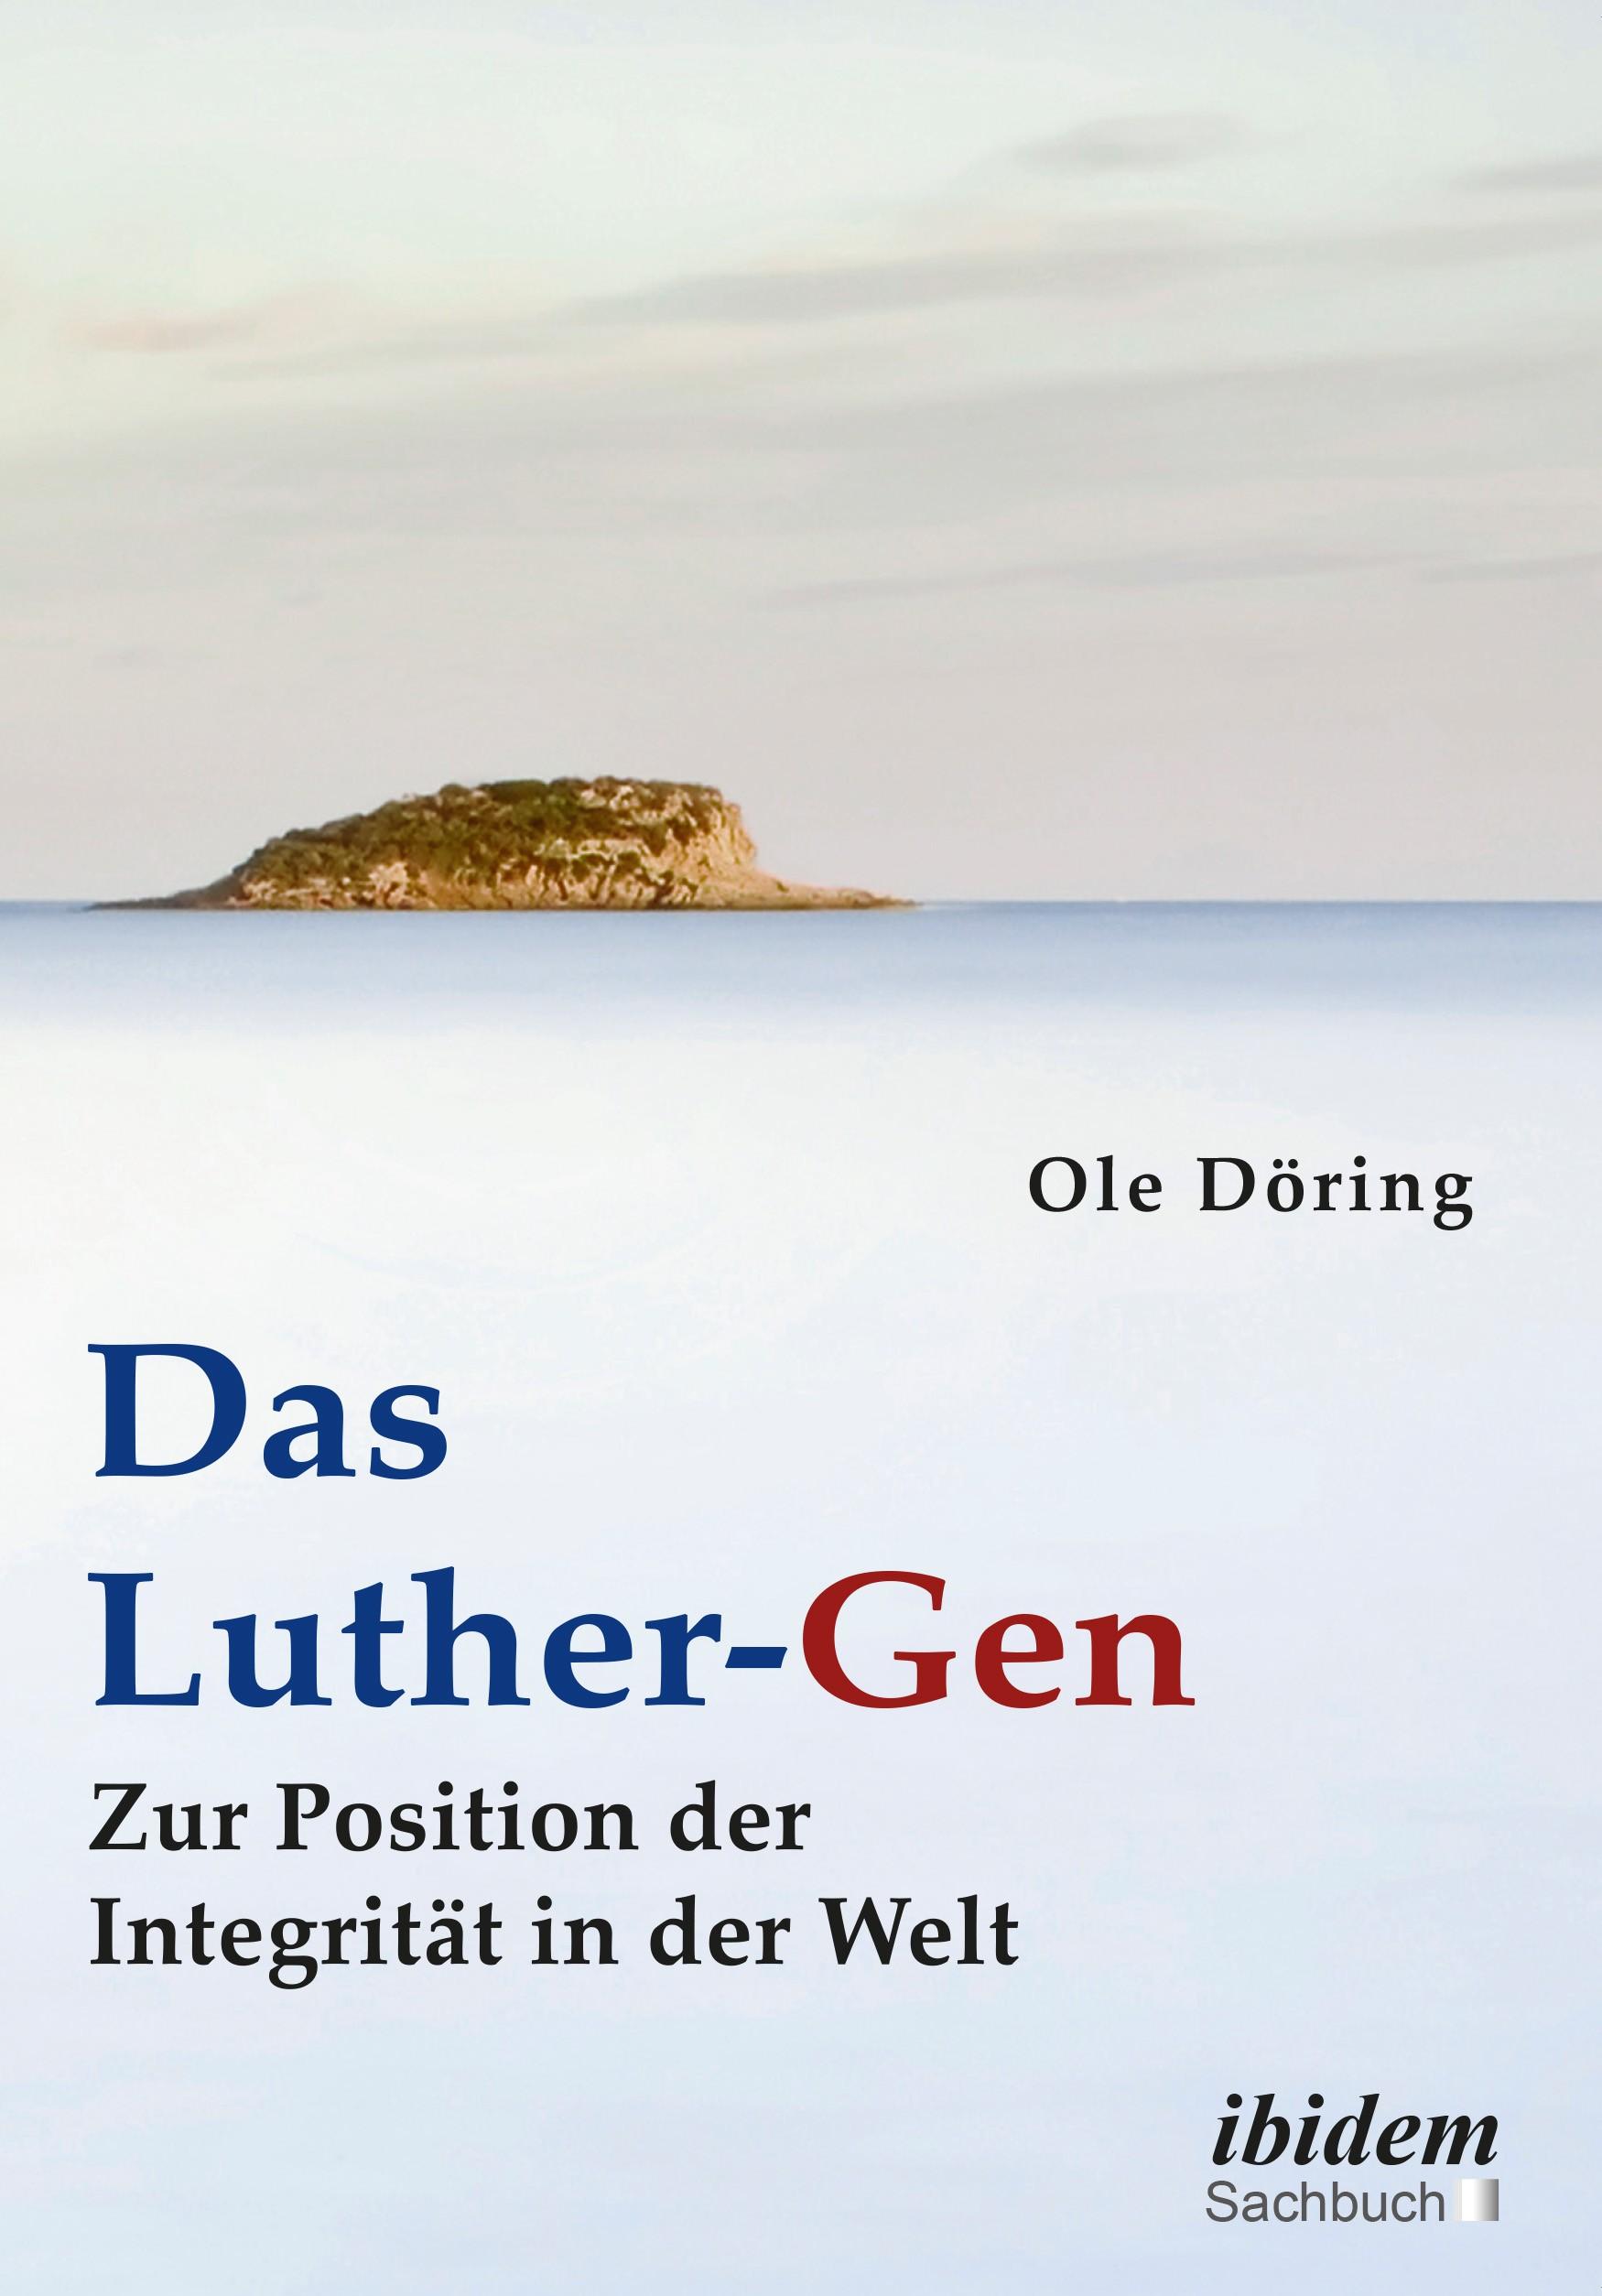 Das Luther-Gen